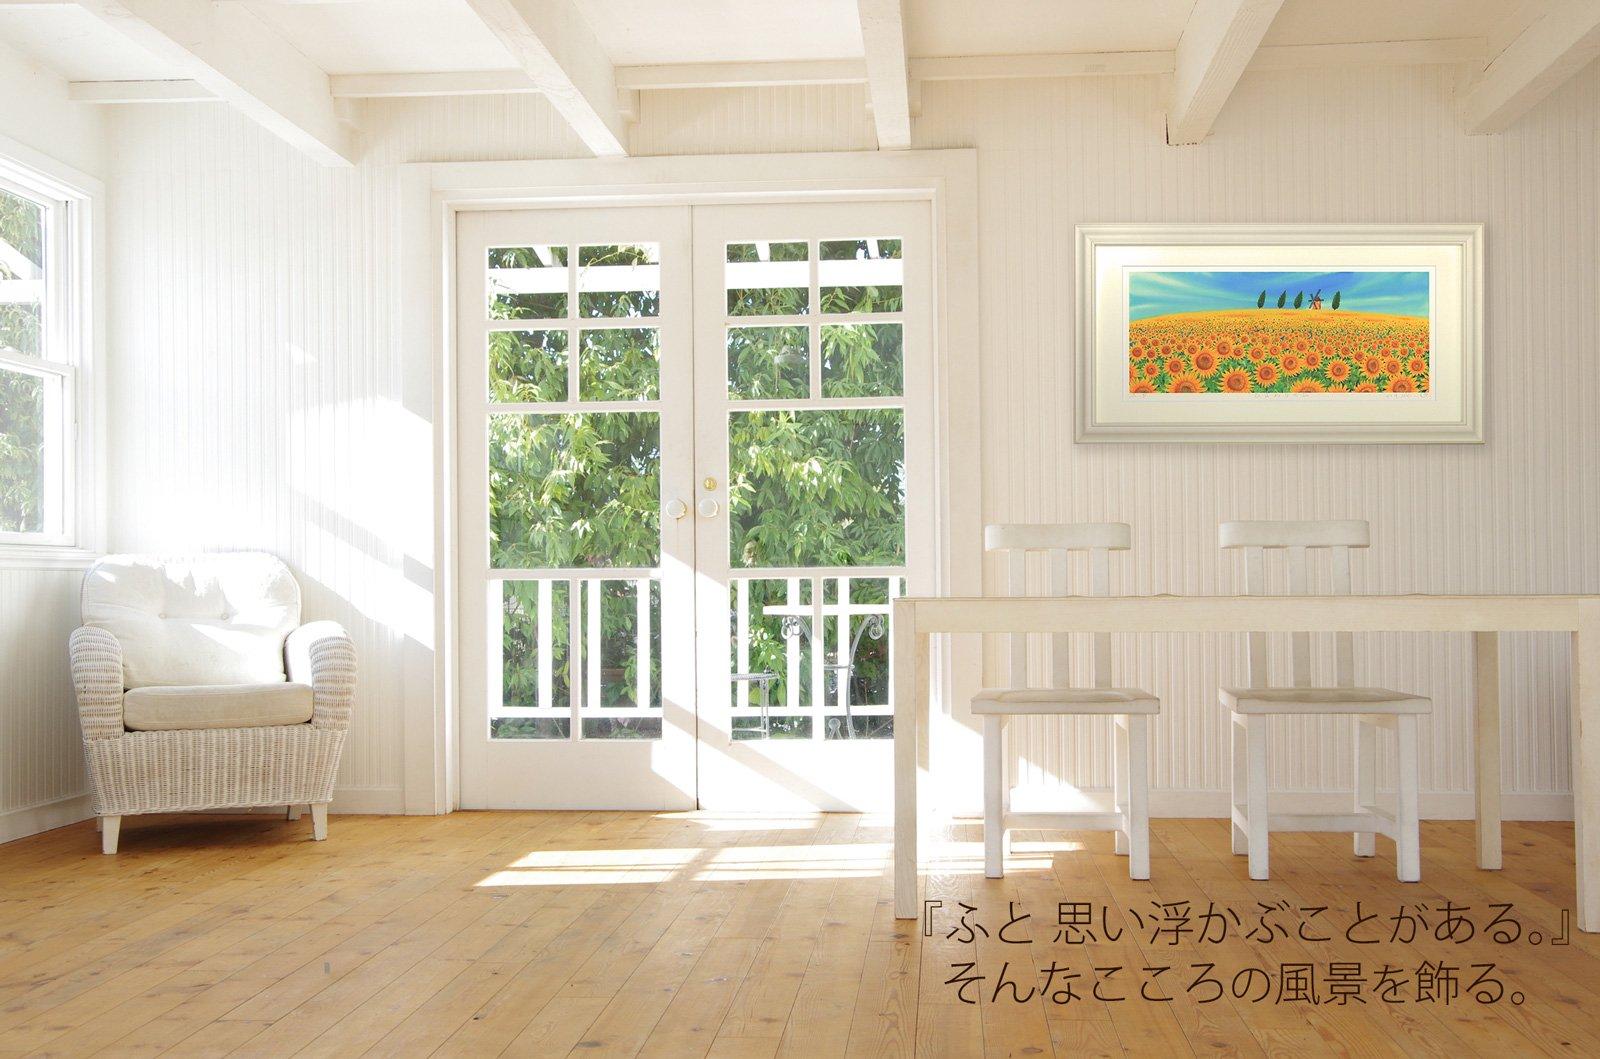 《絵画 水彩画》17階からのながめ〔栗乃木ハルミ くりのきはるみ 〕